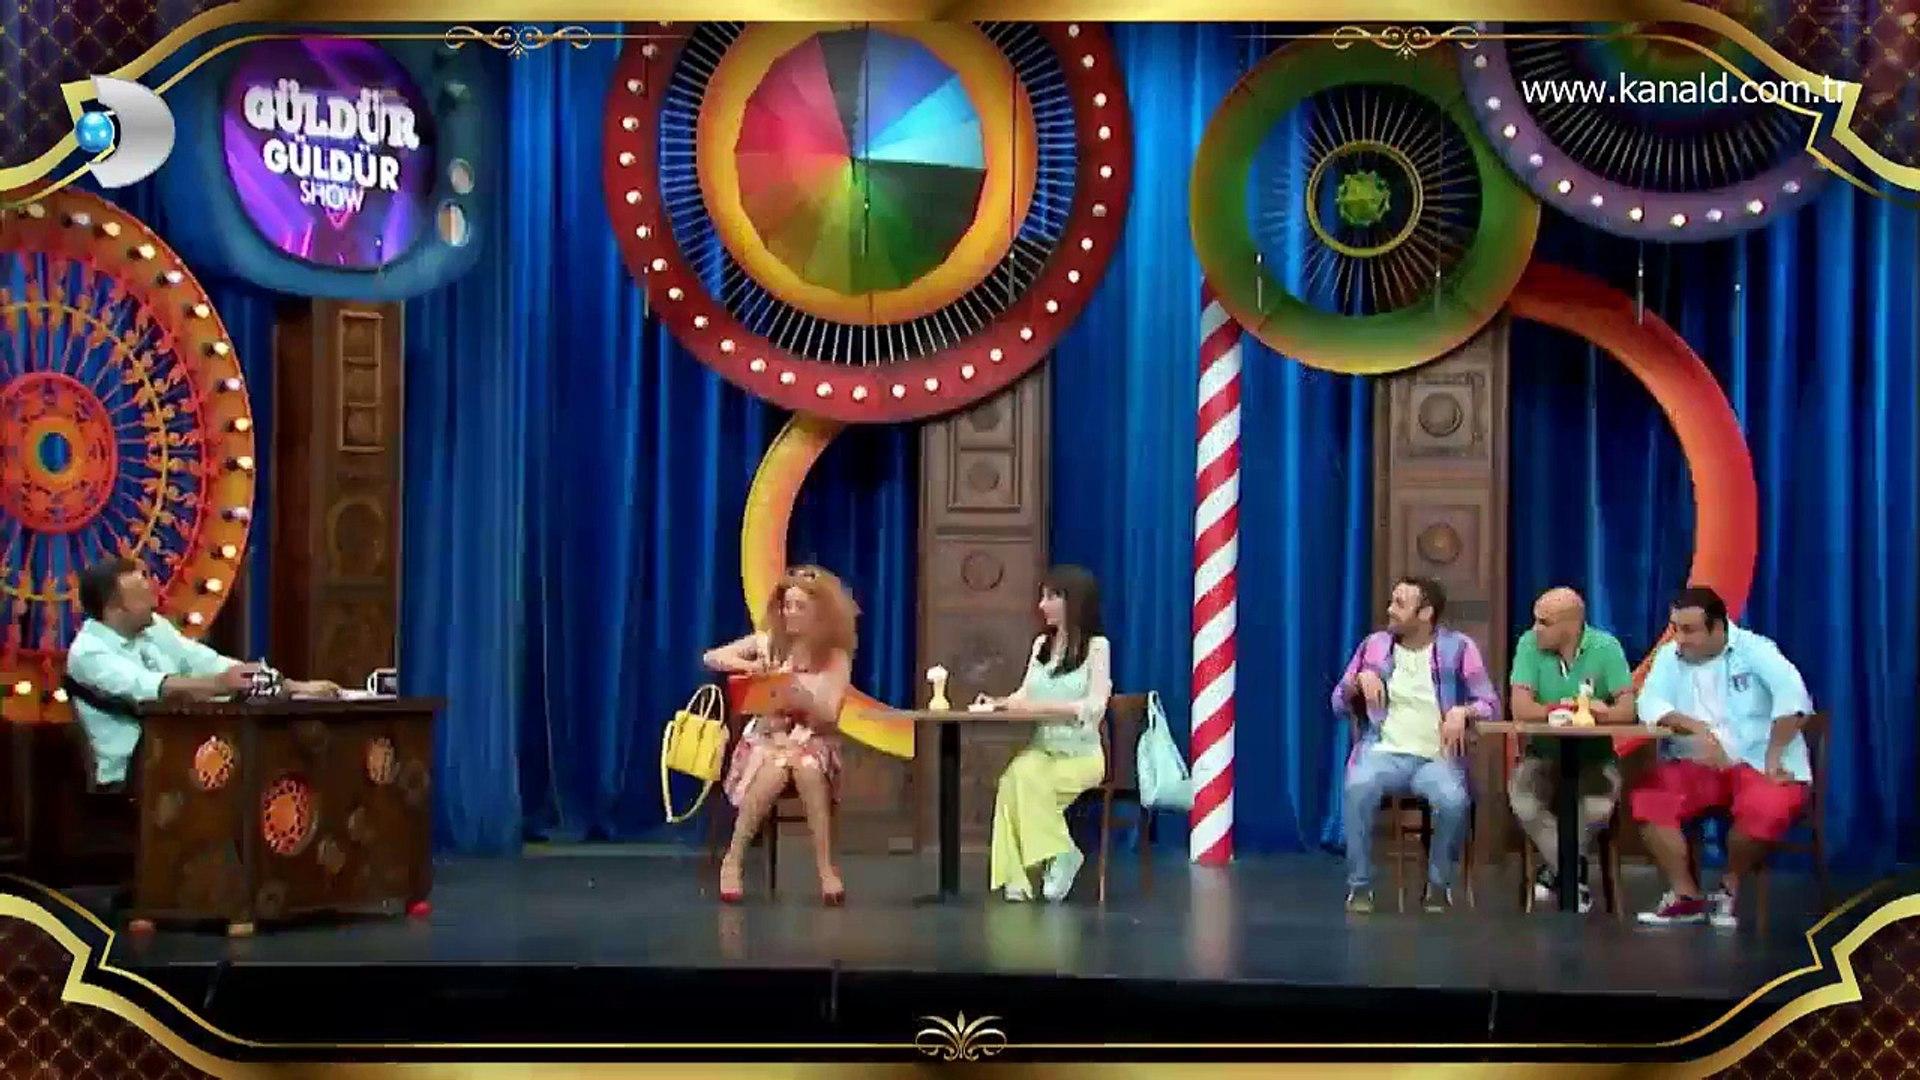 Beyaz Show - Güldür Güldürü hiç böyle izlemediniz!